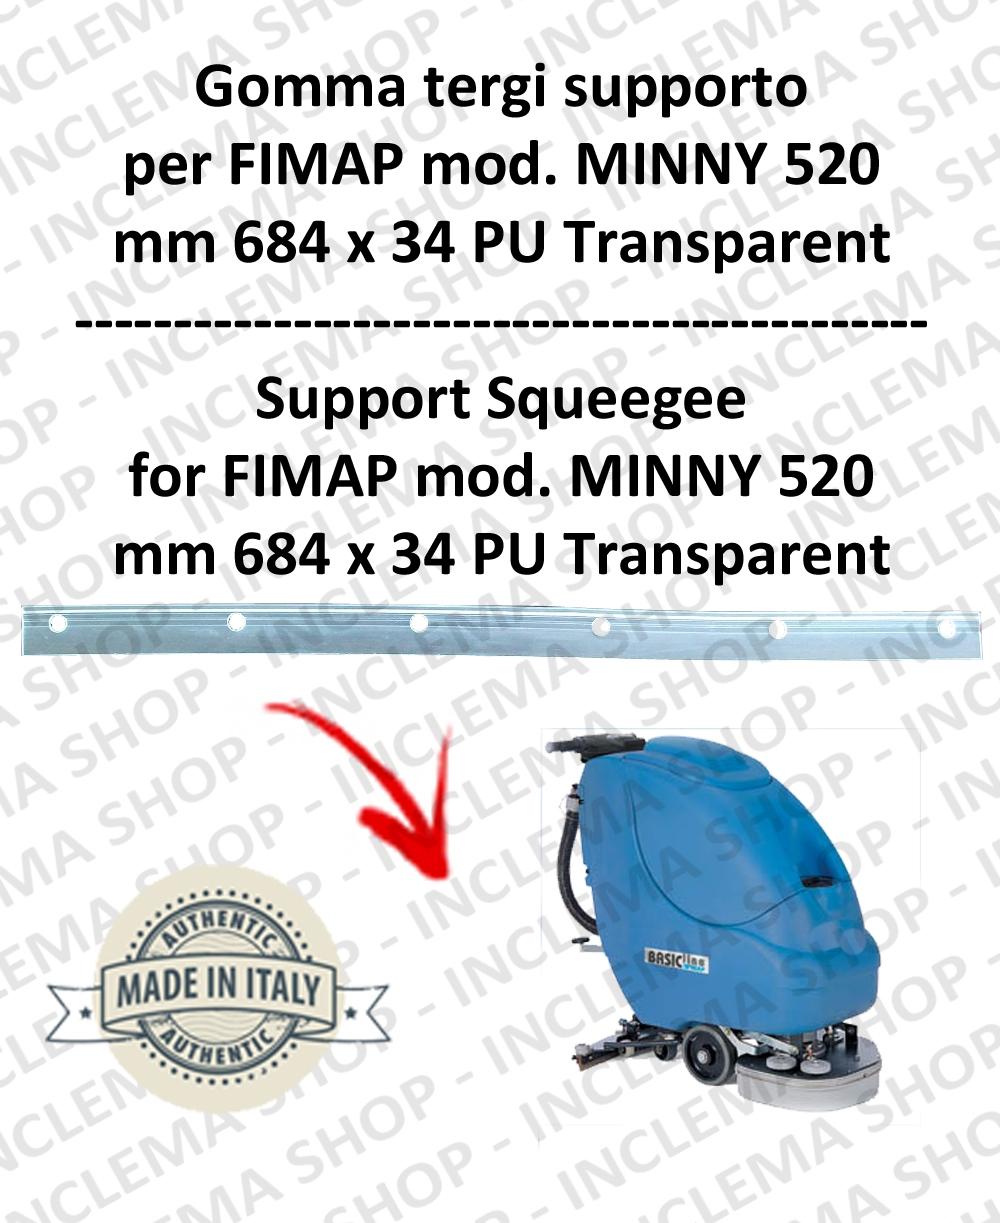 MINNY 520 Bavette soutien pour FIMAP